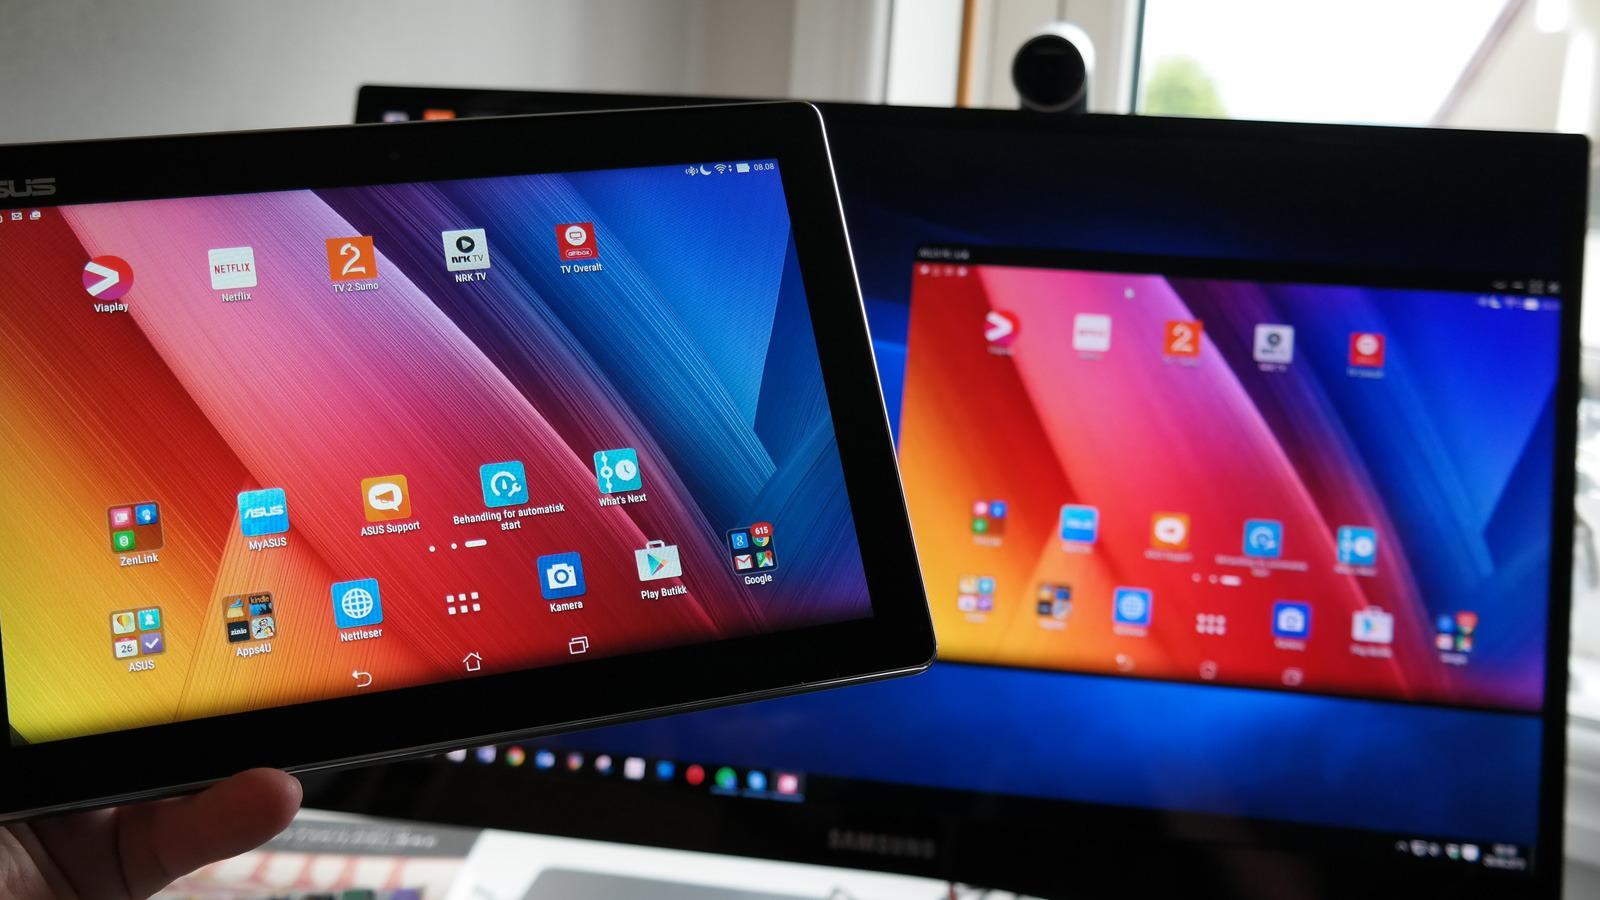 Med PC Link får du skjermbildet fra nettbrettet opp på PC-en, og kan betjene brettet med PC-ens mus og tastatur. Du kan også flytte filer med dra-og-slipp. Foto: Espen Irwing Swang, Tek.no